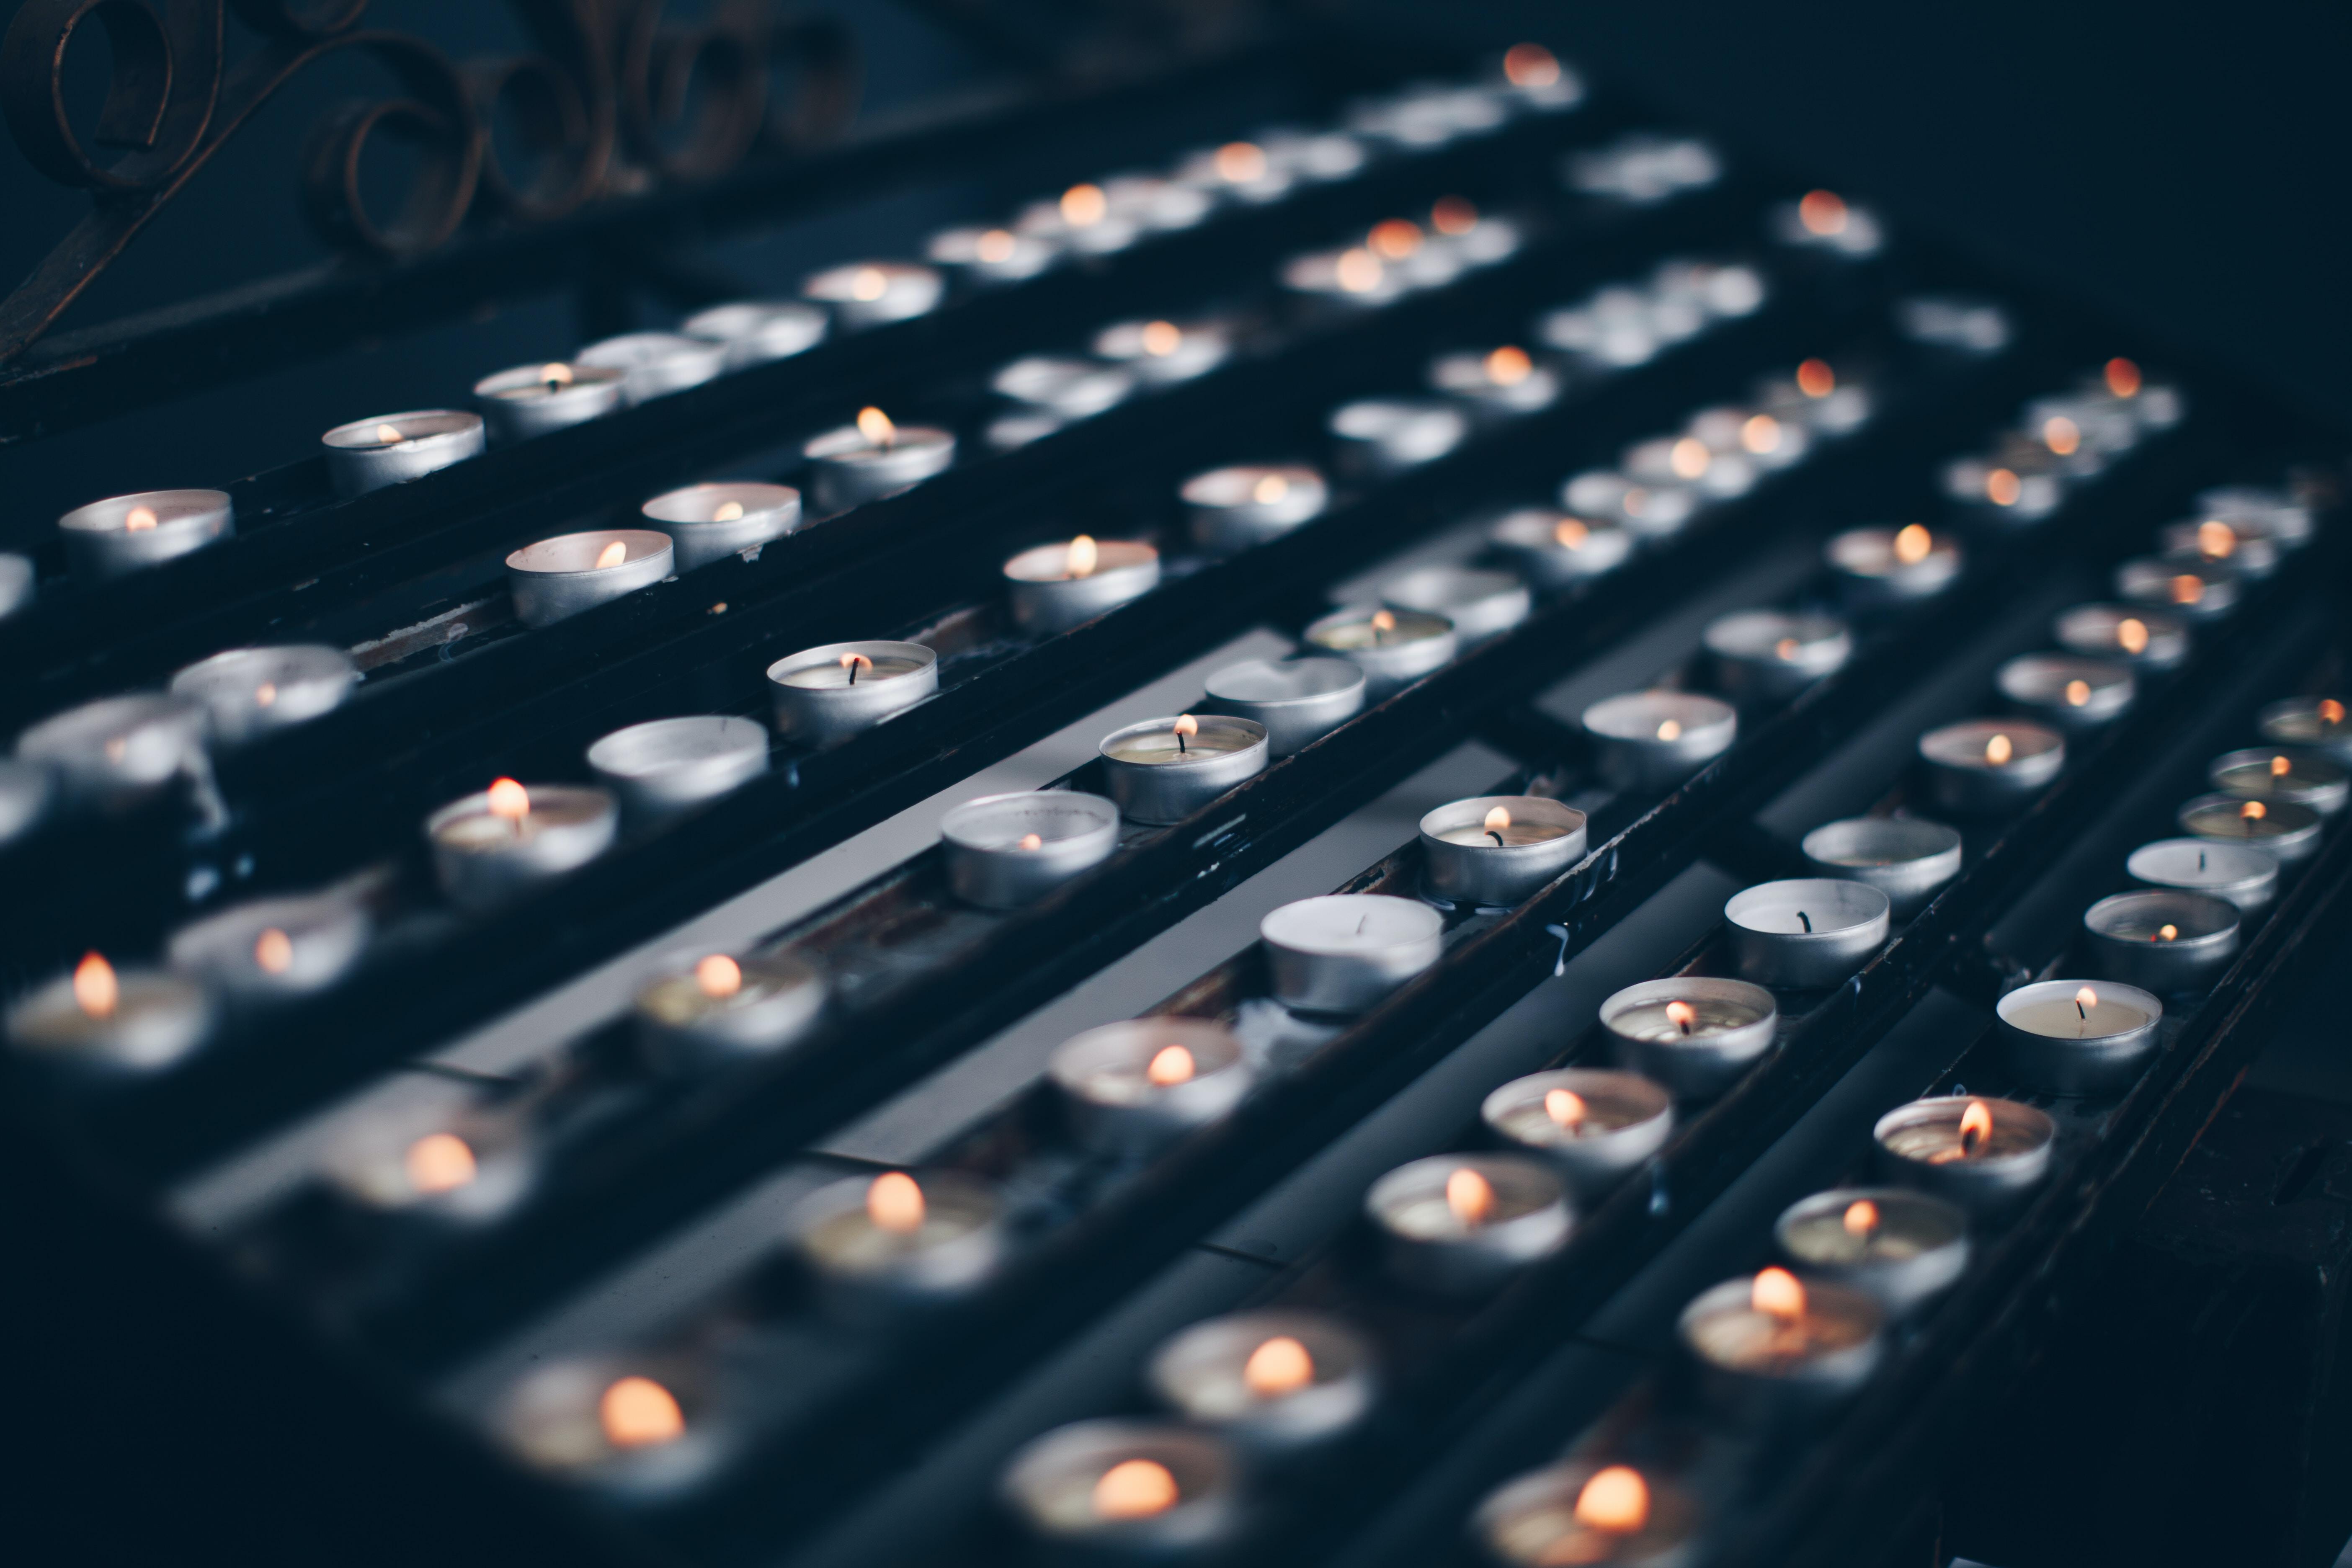 tealight on metal racks